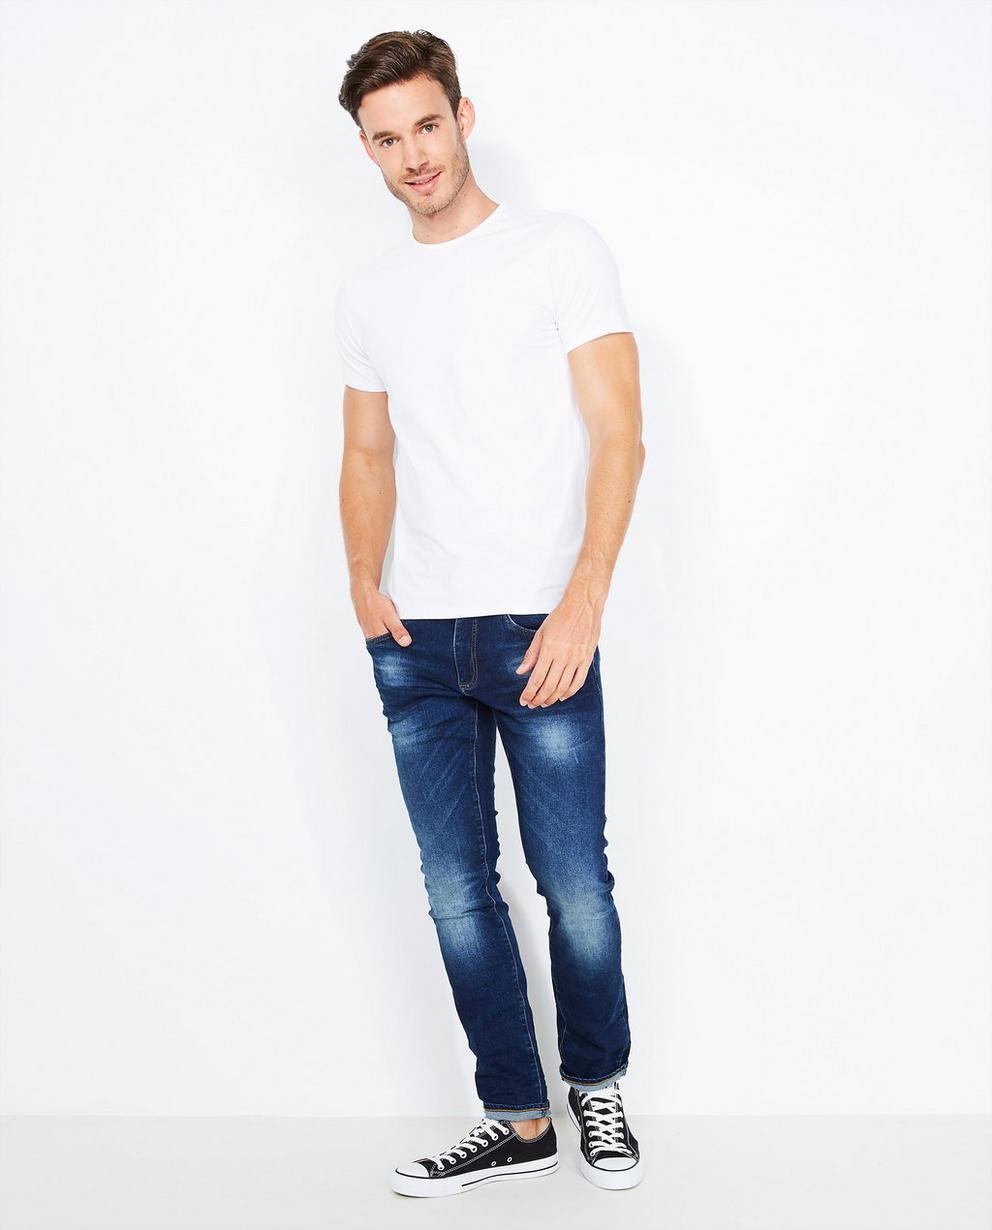 Jeans bleu foncé délavé - slim fit - Quarterback